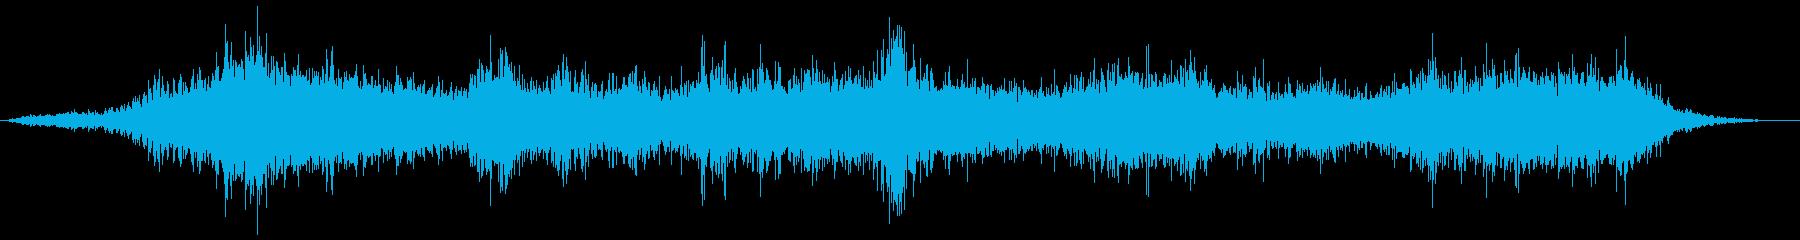 荒れた波と風の音の再生済みの波形